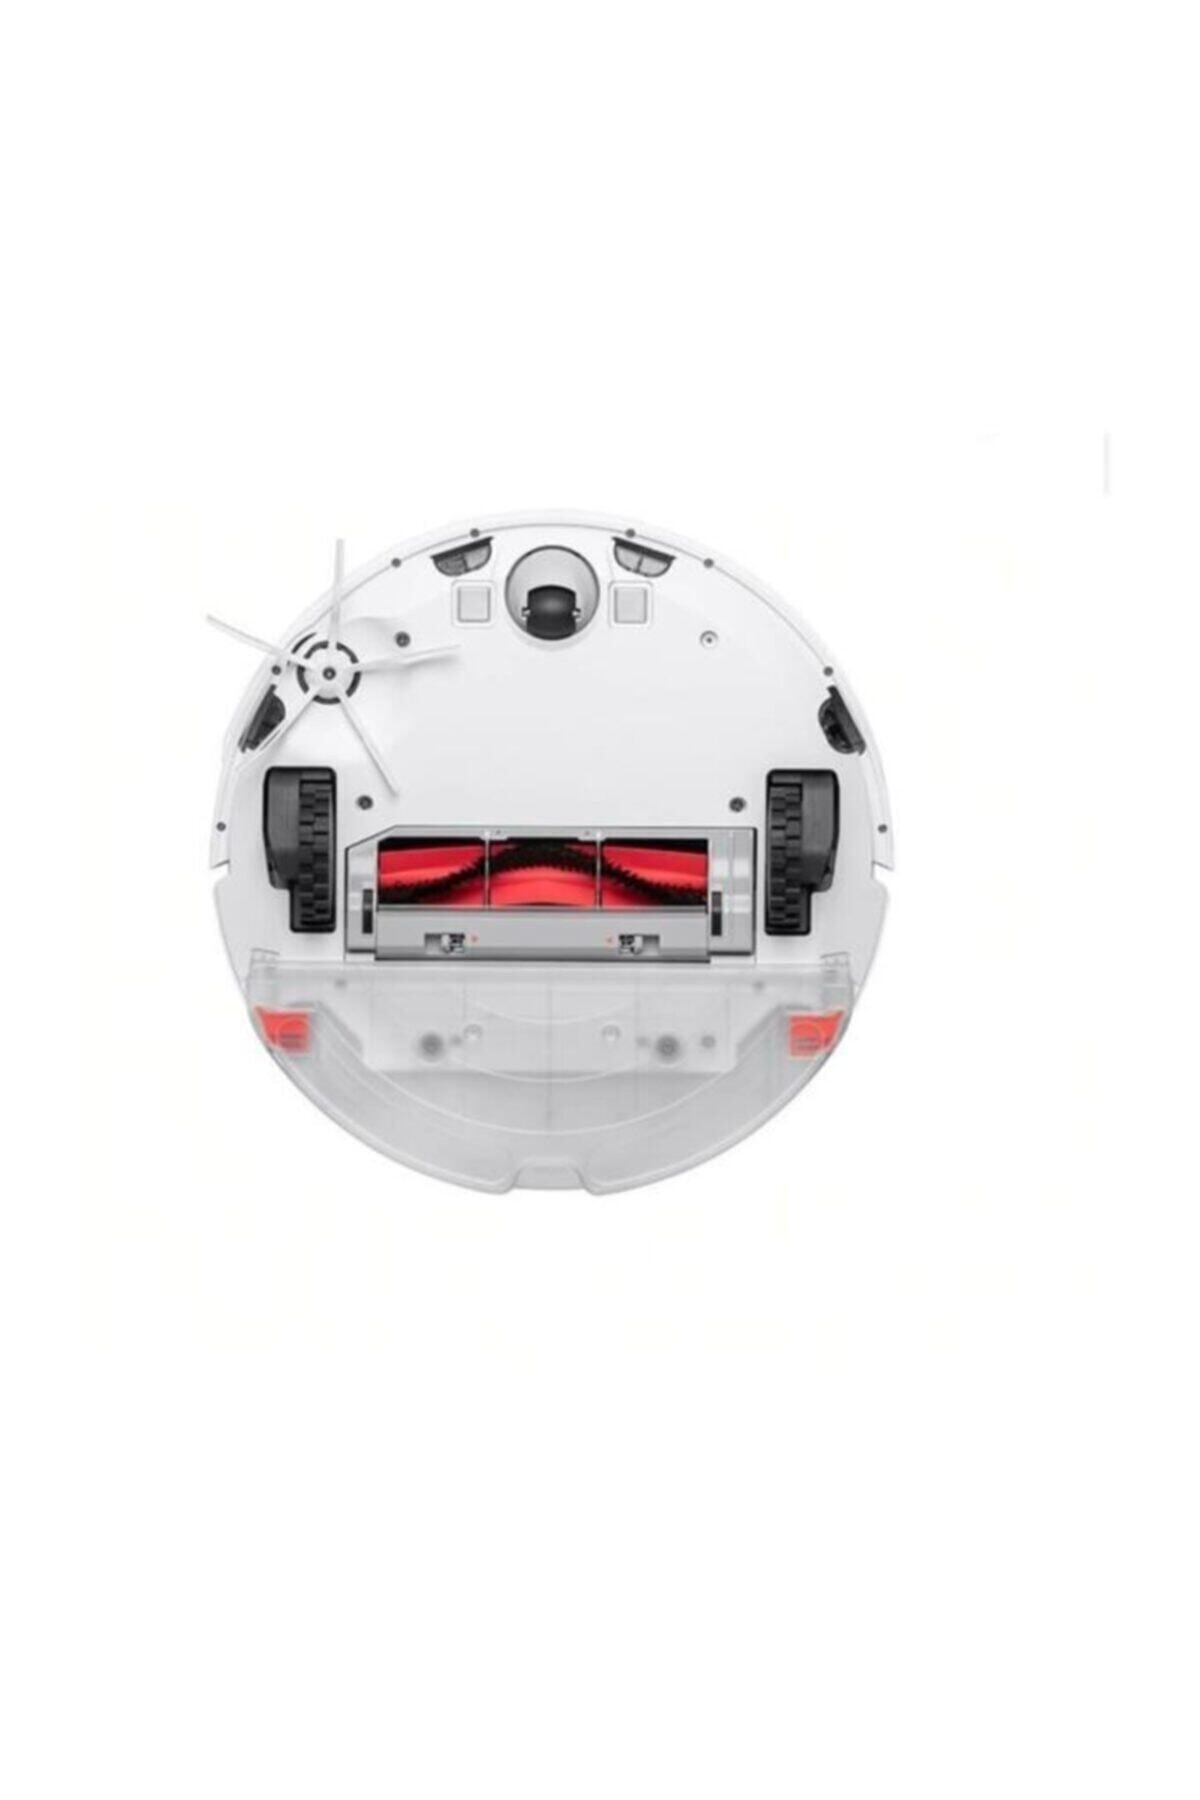 Roborock S5 Max Akıllı Navigasyonlu Robot Süpürge ve Islak Paspas